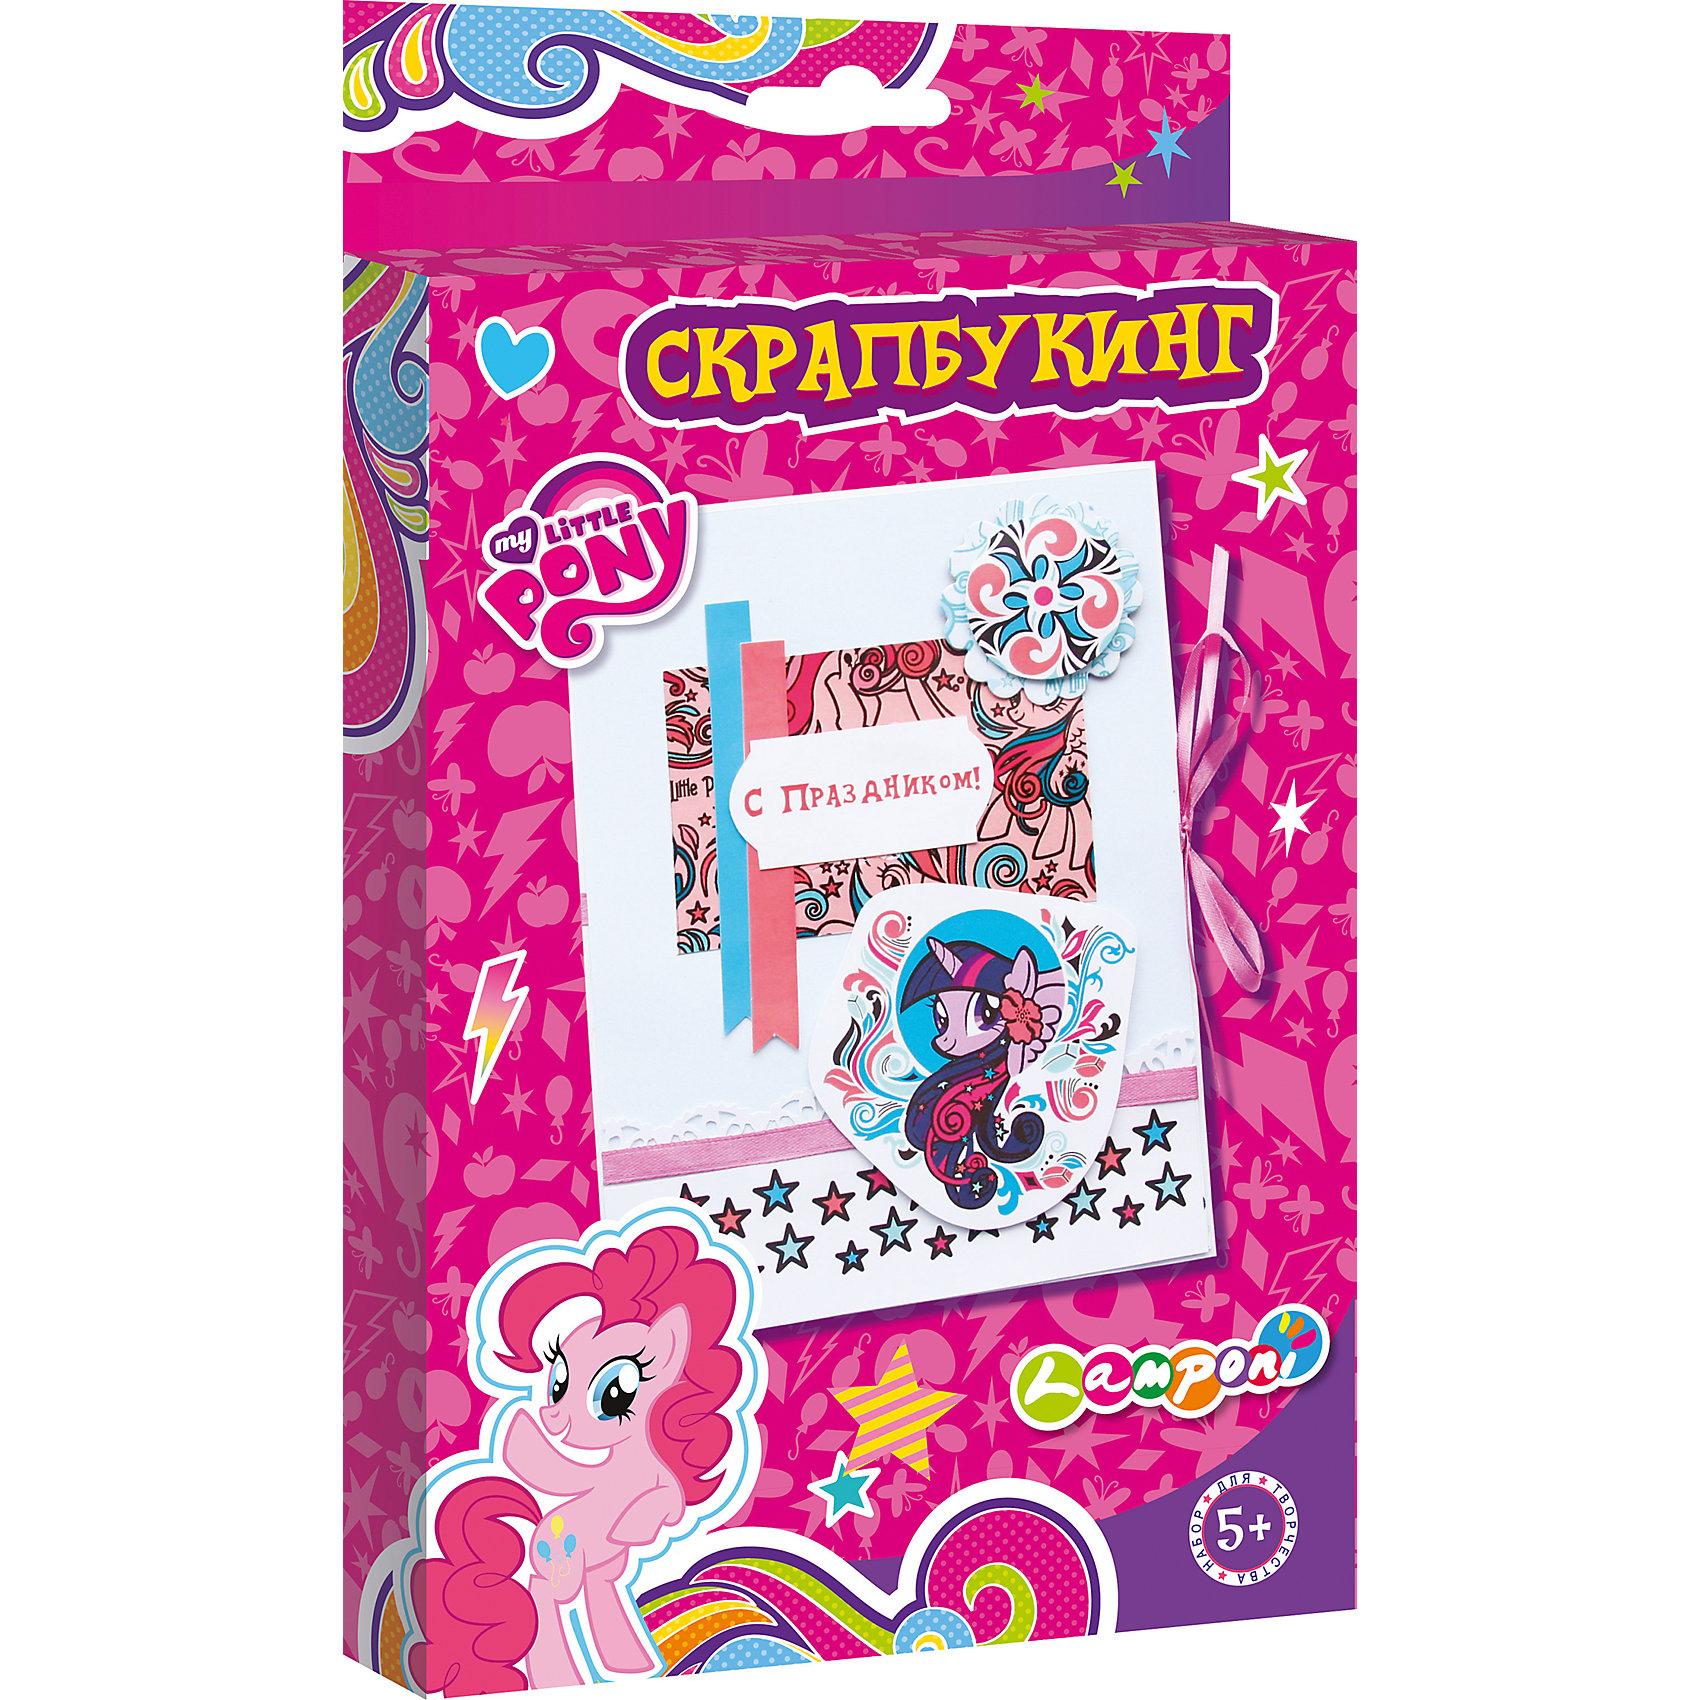 Набор для детского творчества Скрапбукинг, My Little PonyРукоделие<br>Набор для детского творчества Скрапбукинг, My Little Pony, Академия Групп<br><br>Характеристики:<br><br>• содержит всё необходимое<br>• подходит для первого знакомства со скрапбукингом<br>• герой: My Little Pony<br>• в комплекте: основа из картона, декоративные элементы, атласные ленты, клей, инструкция<br>• размер открытки: 13х17 см<br>• размер упаковки: 1,8х15х24,5 см<br>• вес: 100 грамм<br><br>Если вы хотите познакомить ребенка со скрапбукингом, то набор My Little Pony - это то, что вам нужно. В набор входит всё необходимое для создания первой открытки. Ребенок сможет украсить картонную основу декоративными элементами и атласными лентами, закрепив их клеем. Скрапбукинг хорошо развивает мелкую моторику, внимательность и усидчивость. Готовая открытка отлично подойдет в качестве подарка близкому человеку!<br><br>Набор для детского творчества Скрапбукинг, My Little Pony, Академия Групп вы можете купить в нашем интернет-магазине.<br><br>Ширина мм: 245<br>Глубина мм: 150<br>Высота мм: 18<br>Вес г: 100<br>Возраст от месяцев: 60<br>Возраст до месяцев: 84<br>Пол: Женский<br>Возраст: Детский<br>SKU: 5218449